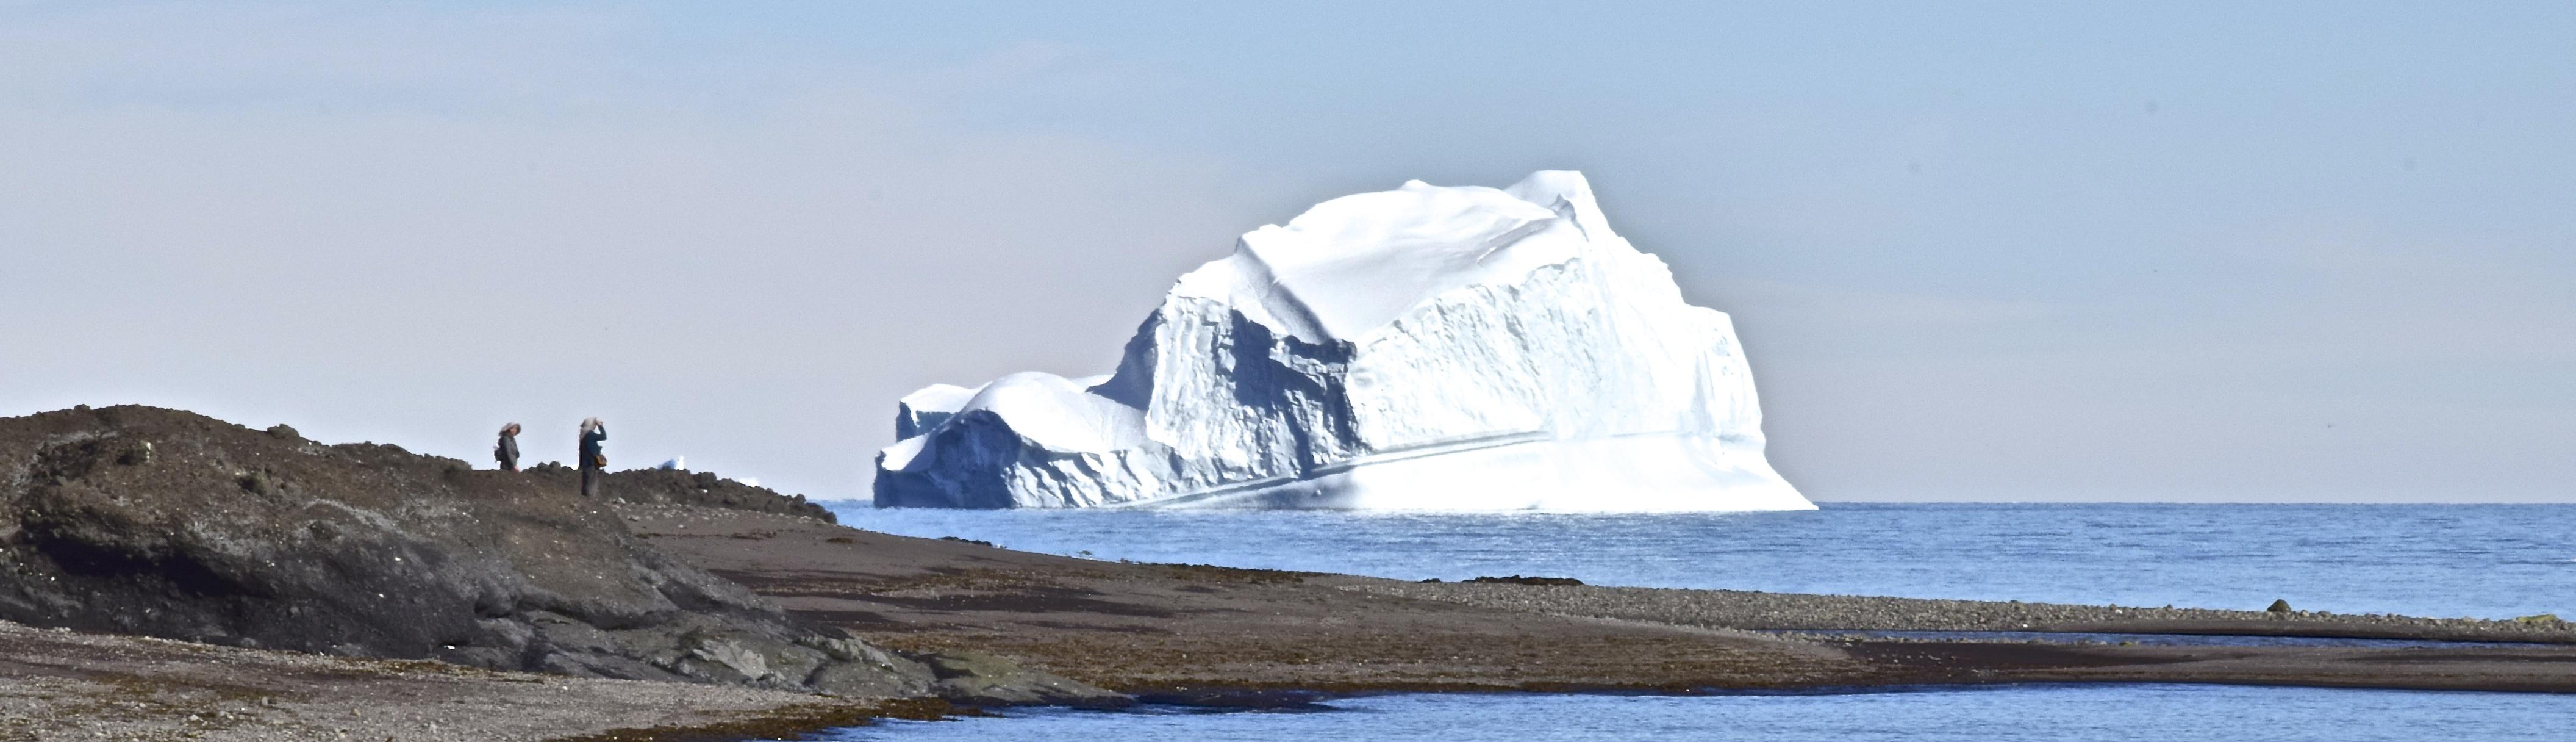 Qeqertarsuaq - Disko Island